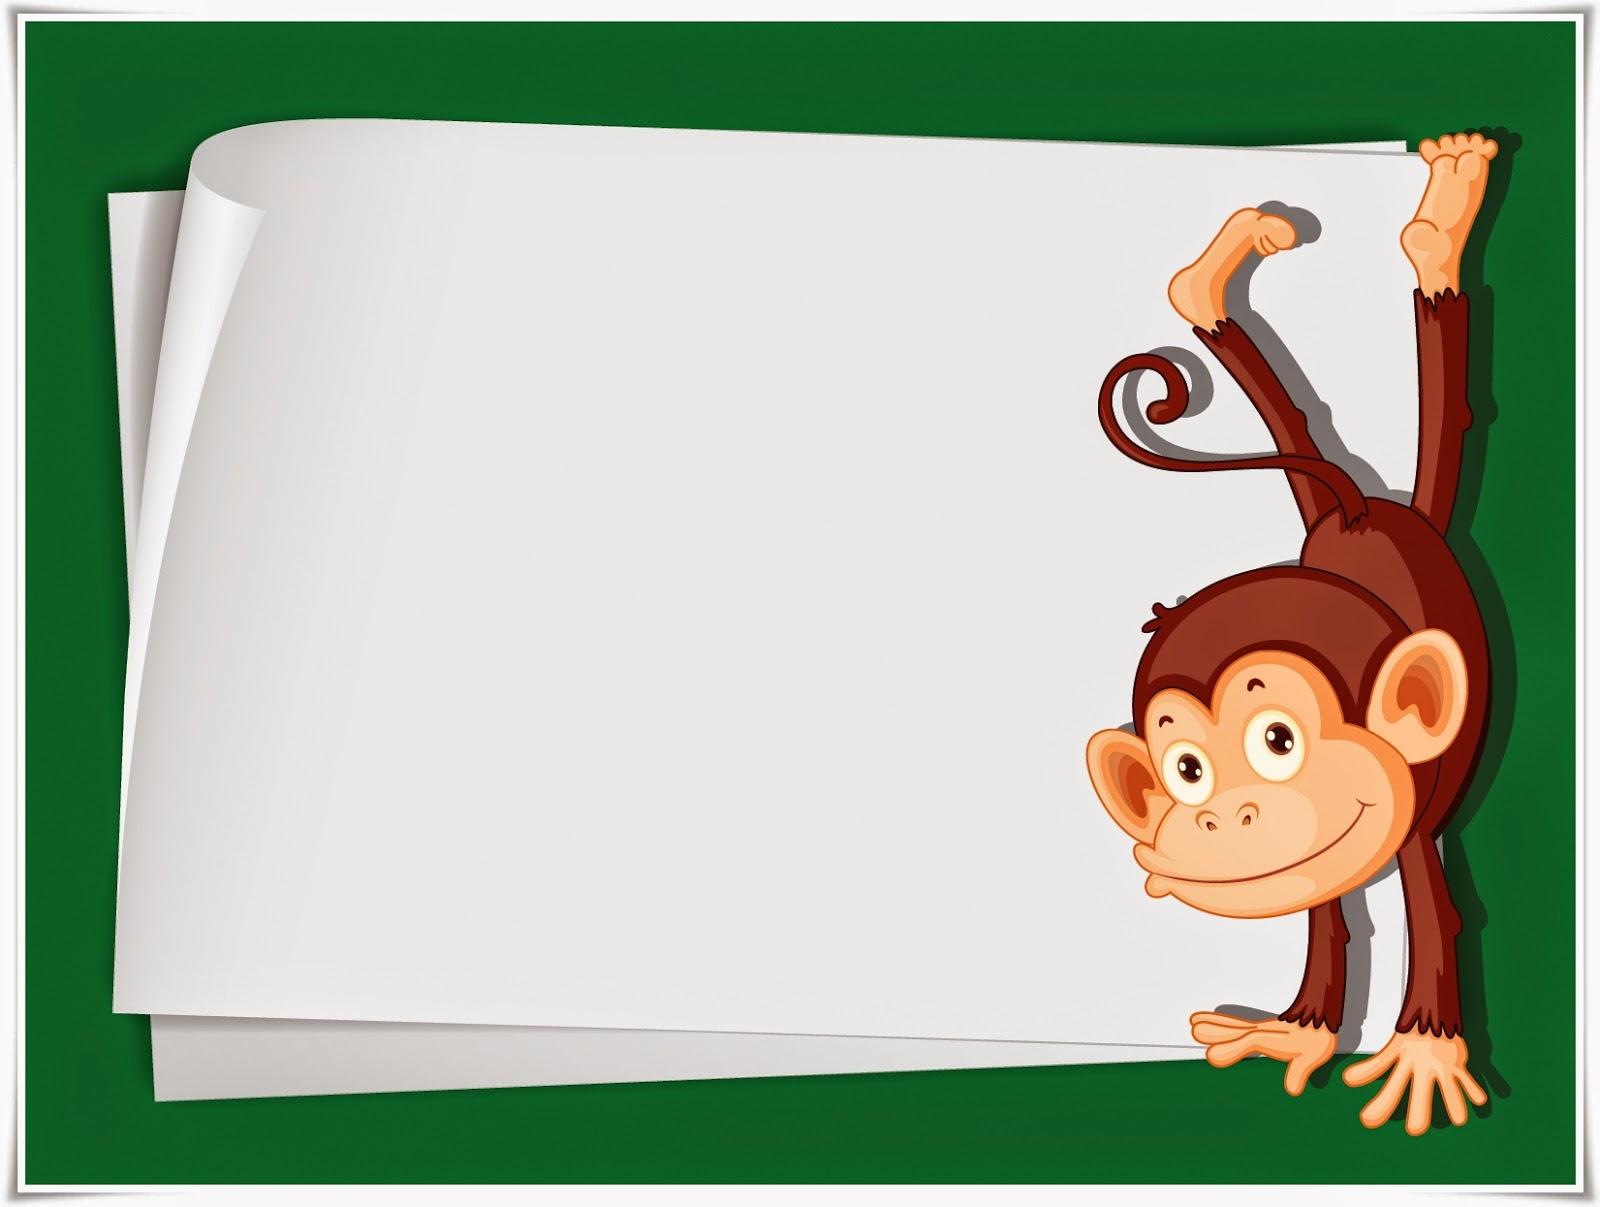 cute cartoon monkey wallpaper